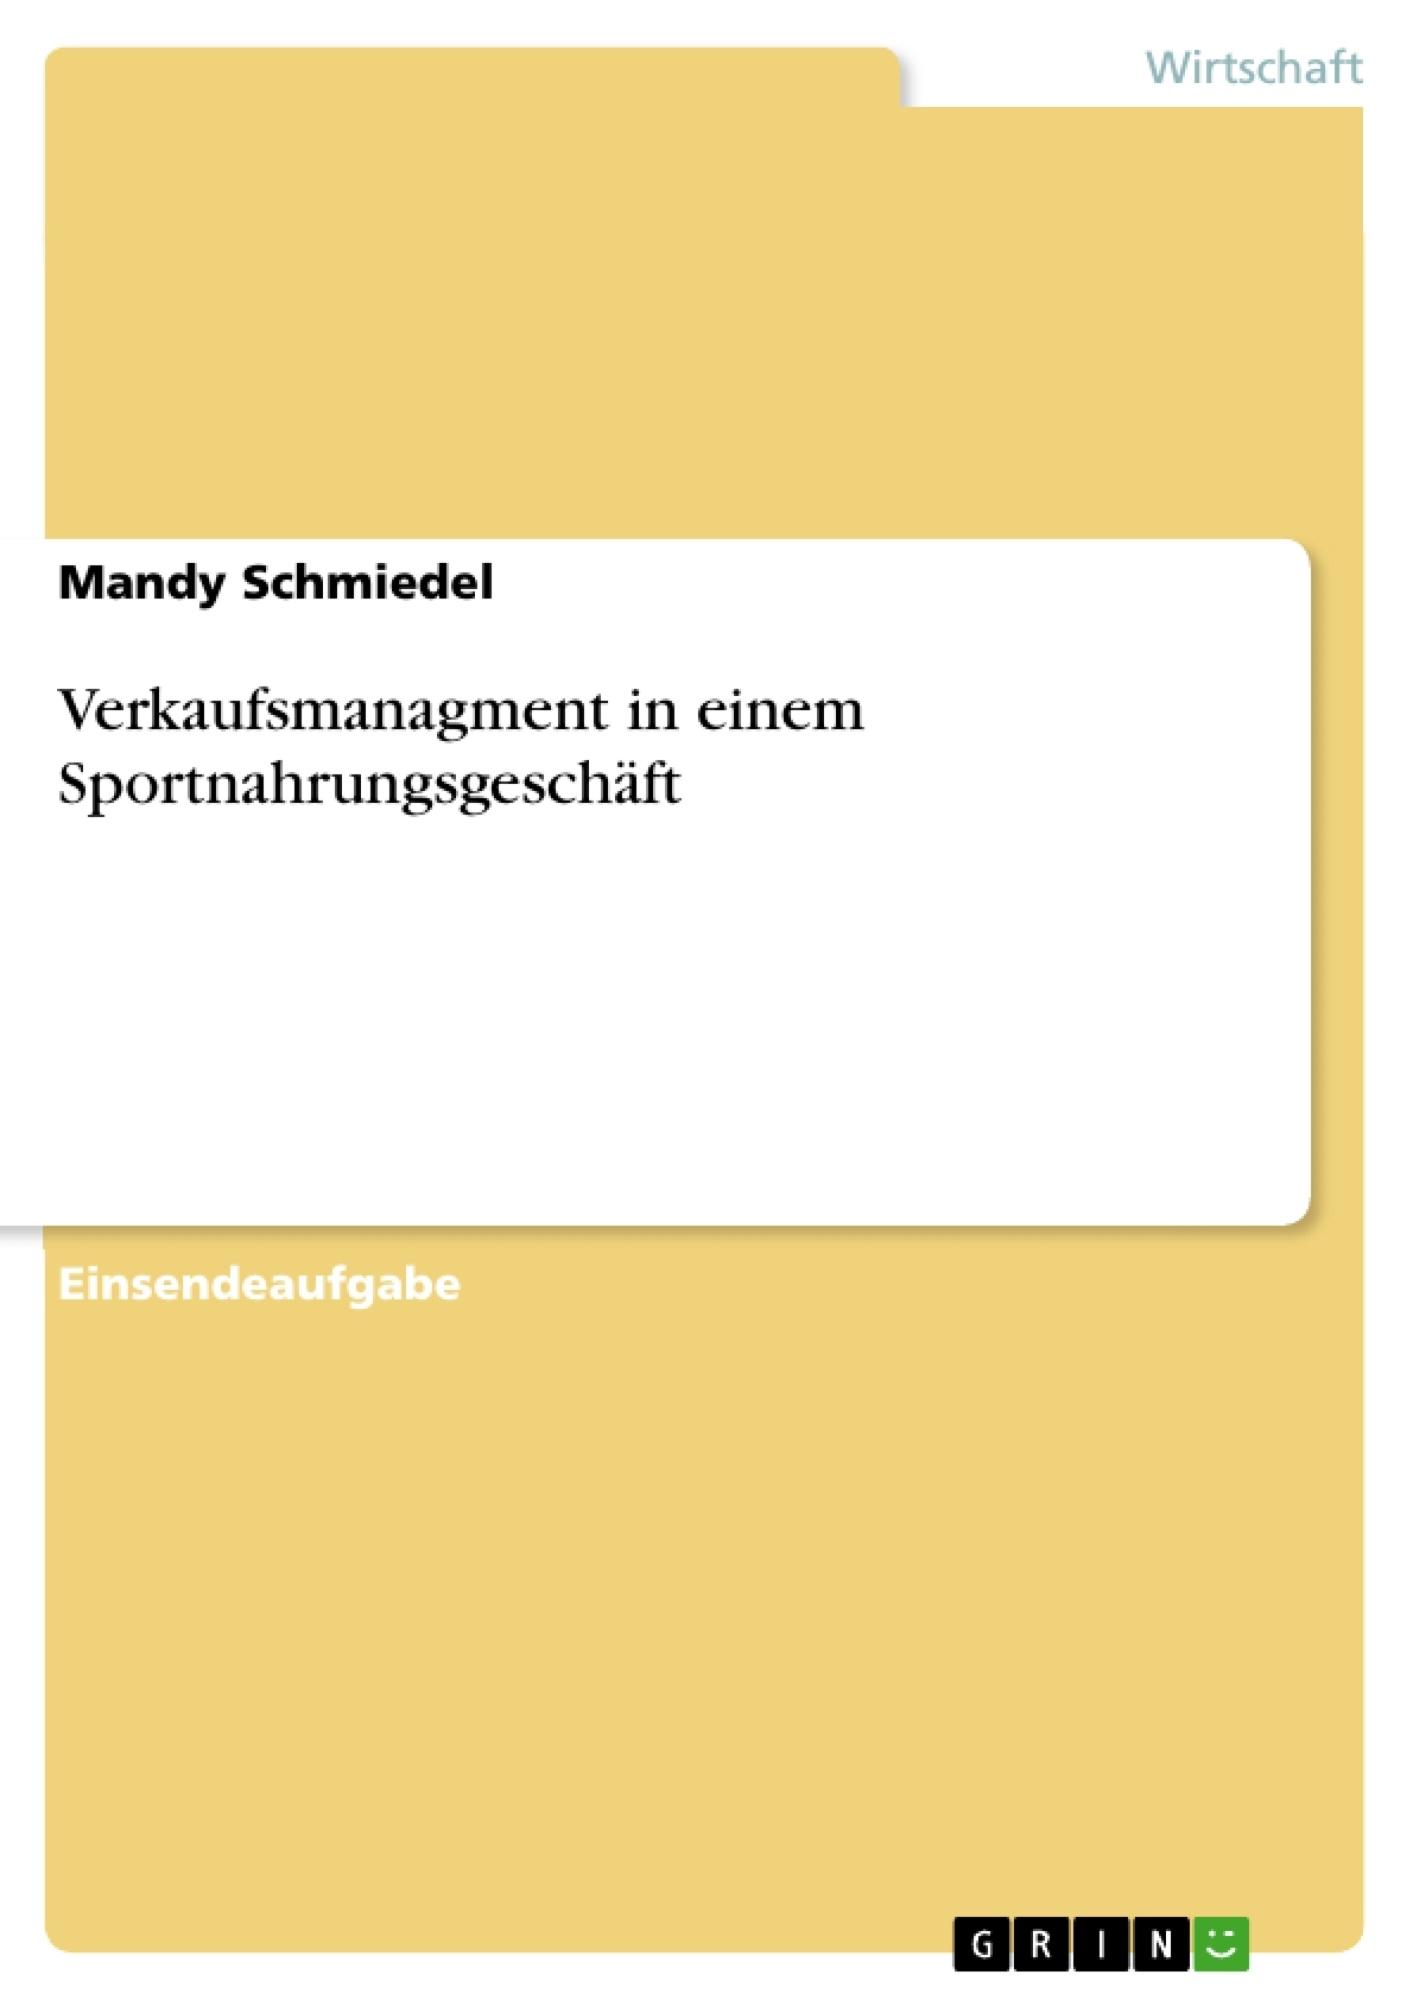 Titel: Verkaufsmanagment in einem Sportnahrungsgeschäft